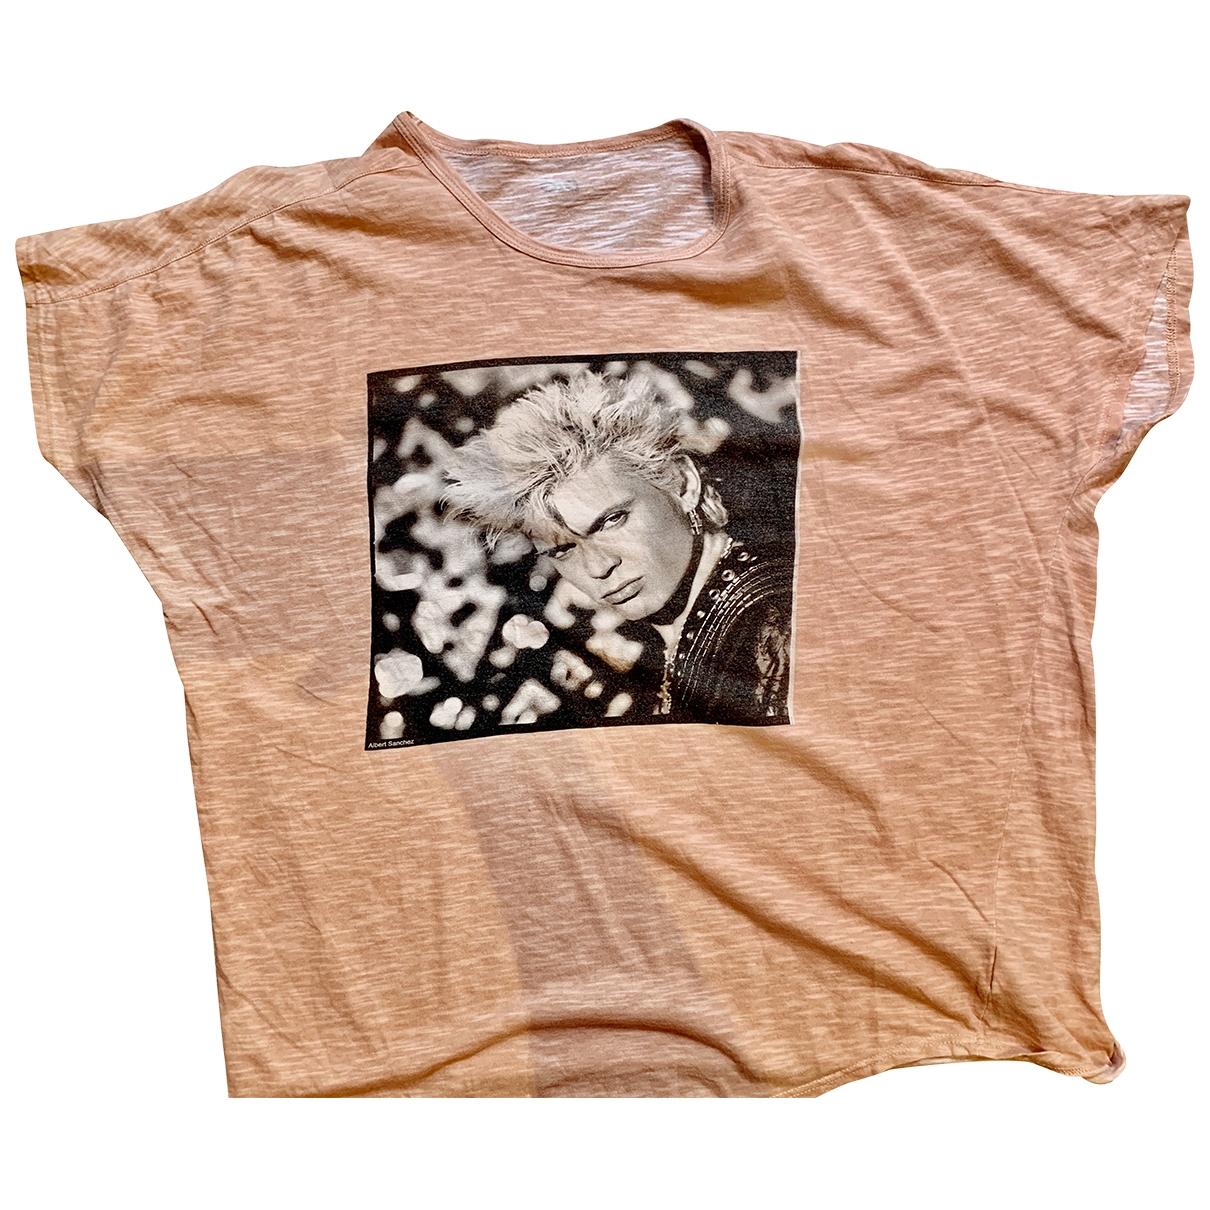 D&g - Tee shirts   pour homme en coton - orange